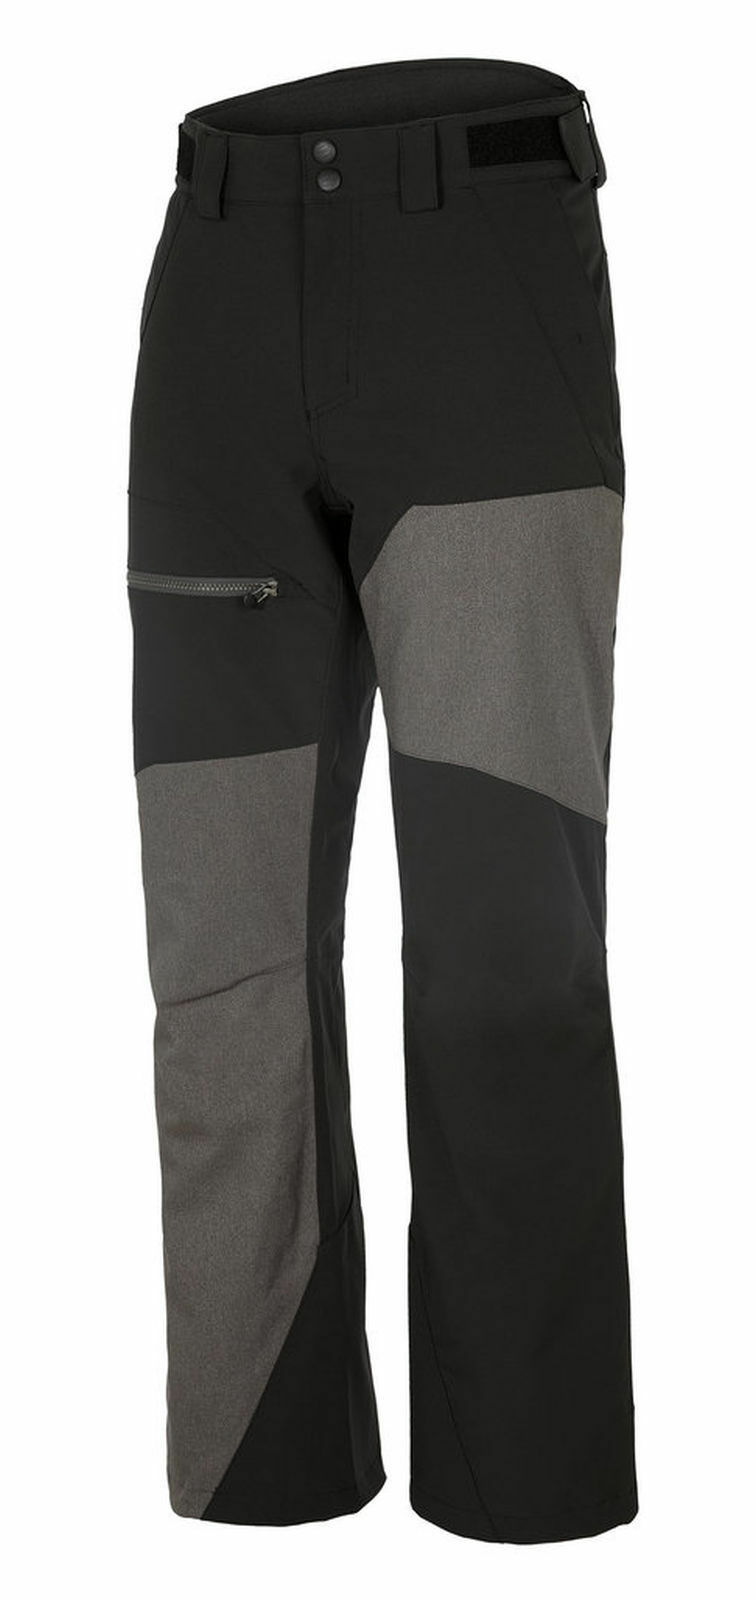 Ziener Hombre Pantalones de Esquí Pantalones Esquí Tionesta Man Pantalones Negro